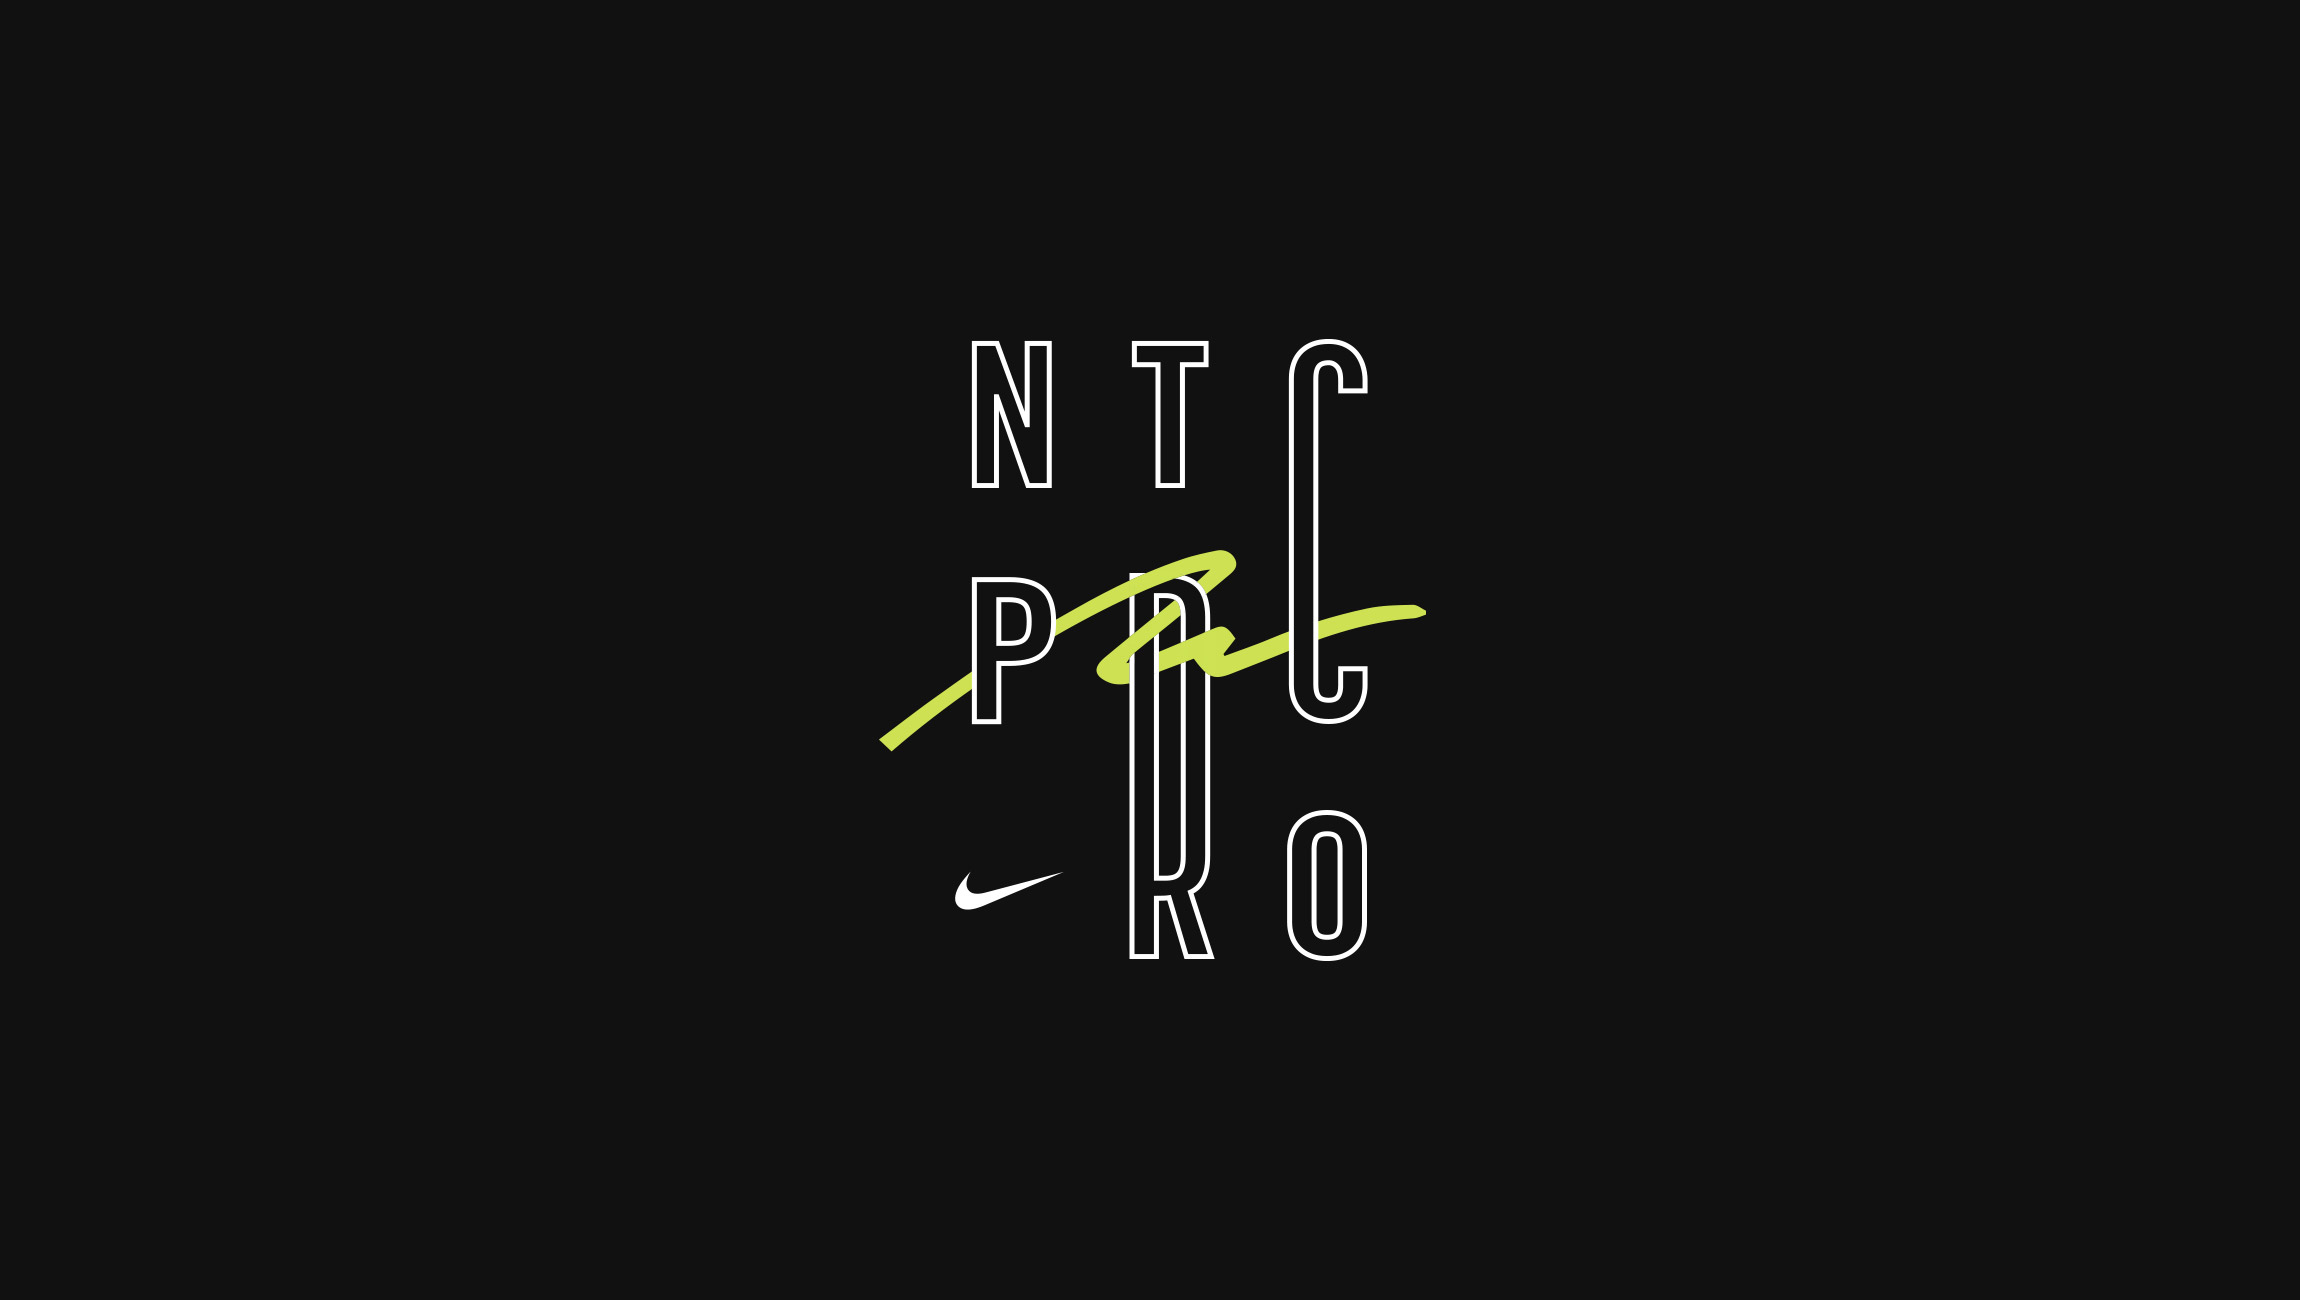 NTC_Pro-1